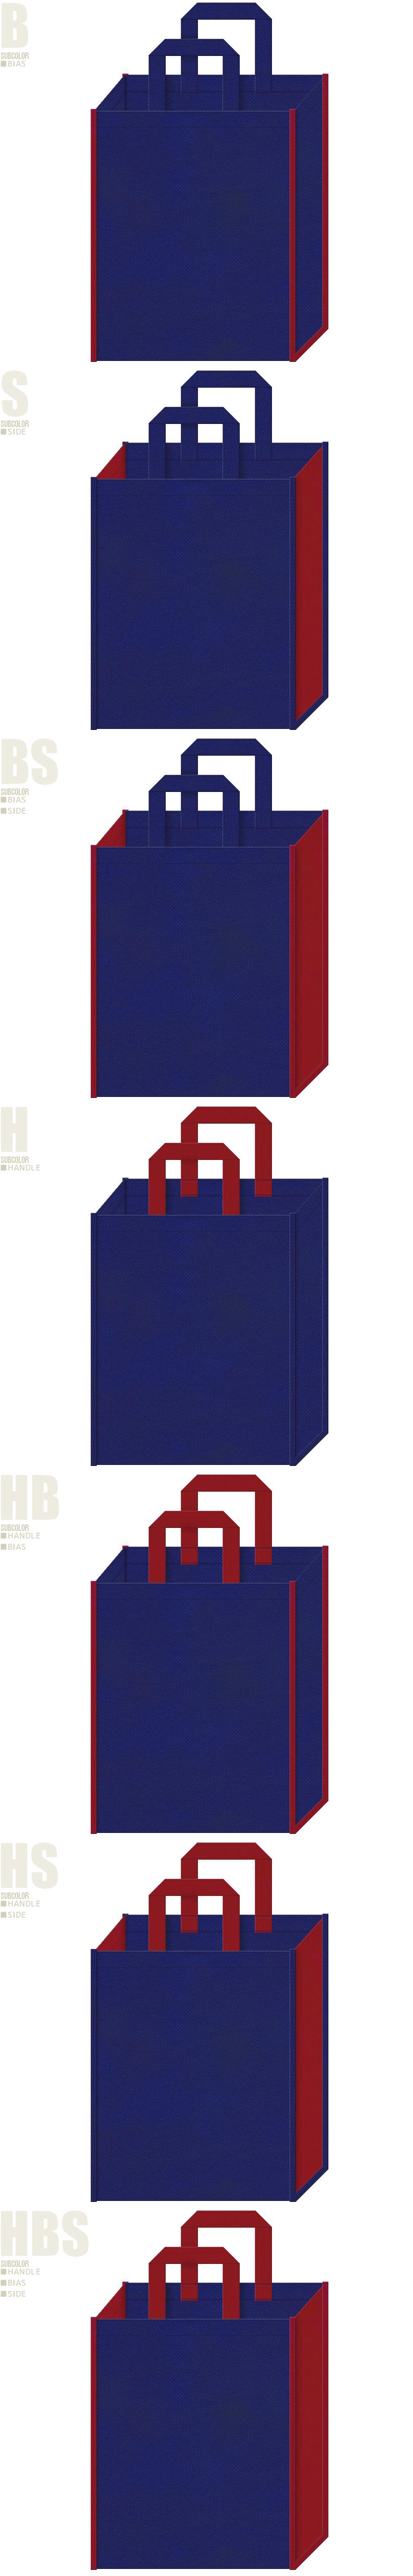 明るい紺色とエンジ色の不織布バッグデザイン:配色7パターン